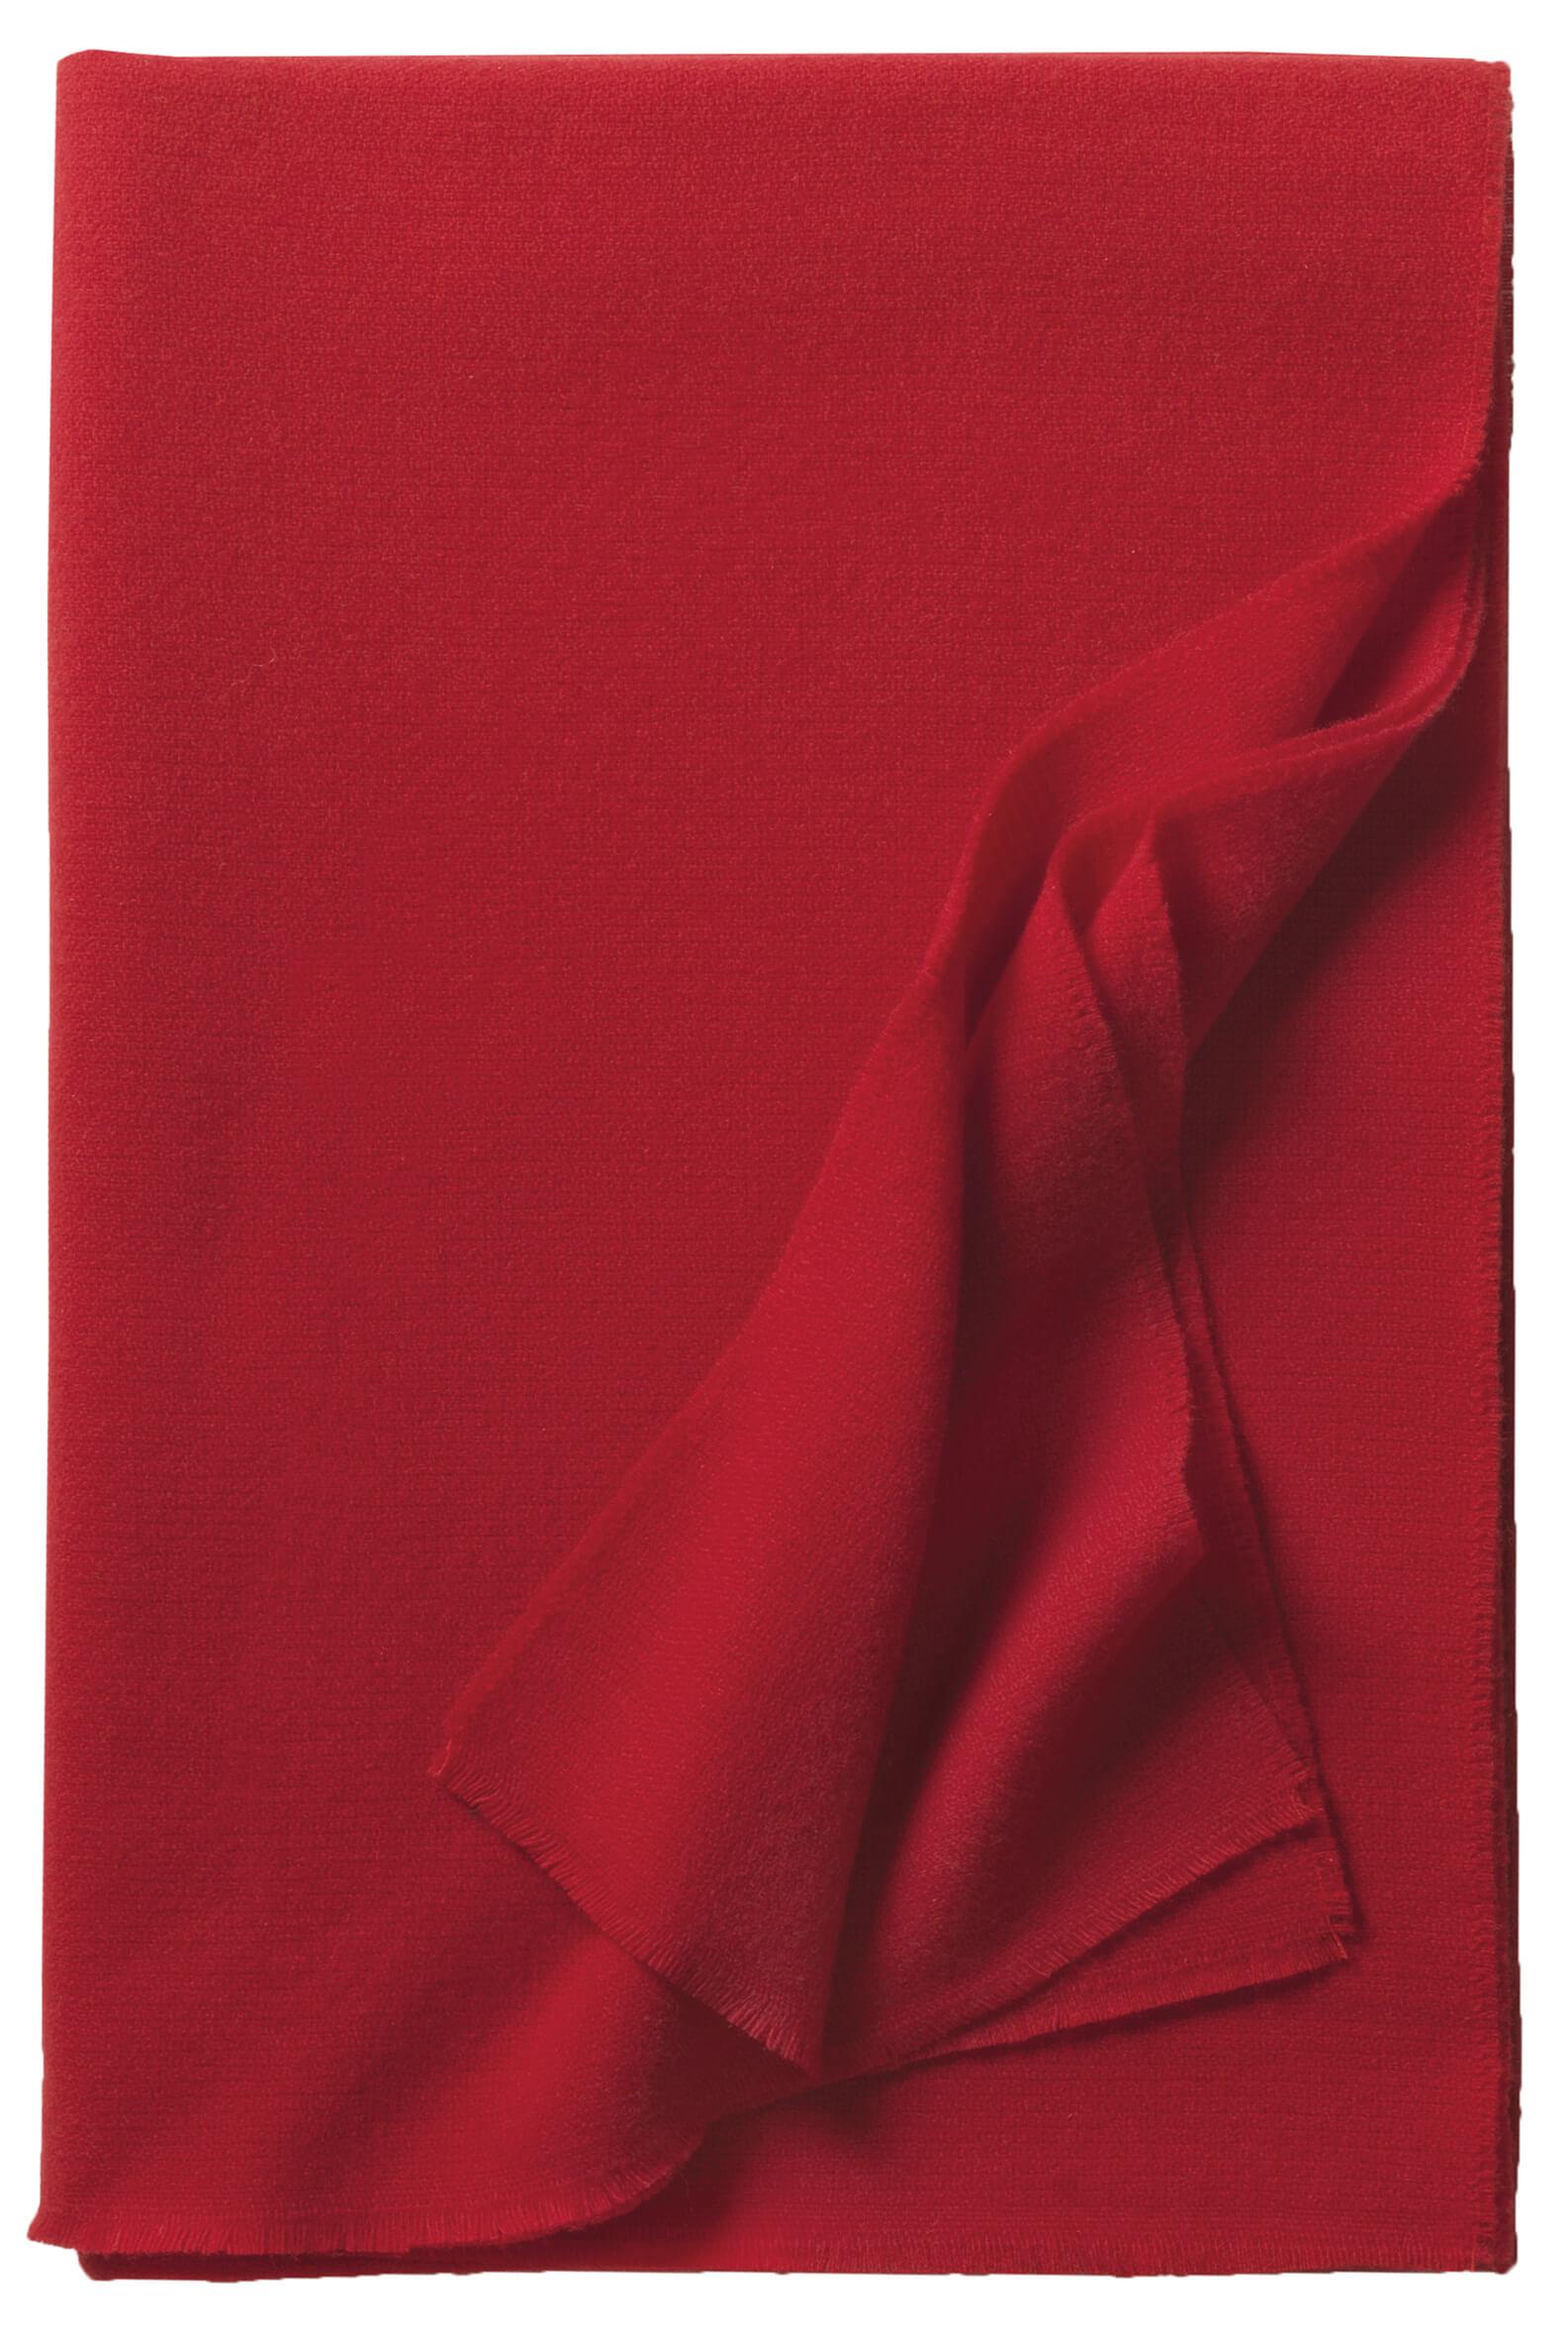 Bild von Elba102, Variante rot